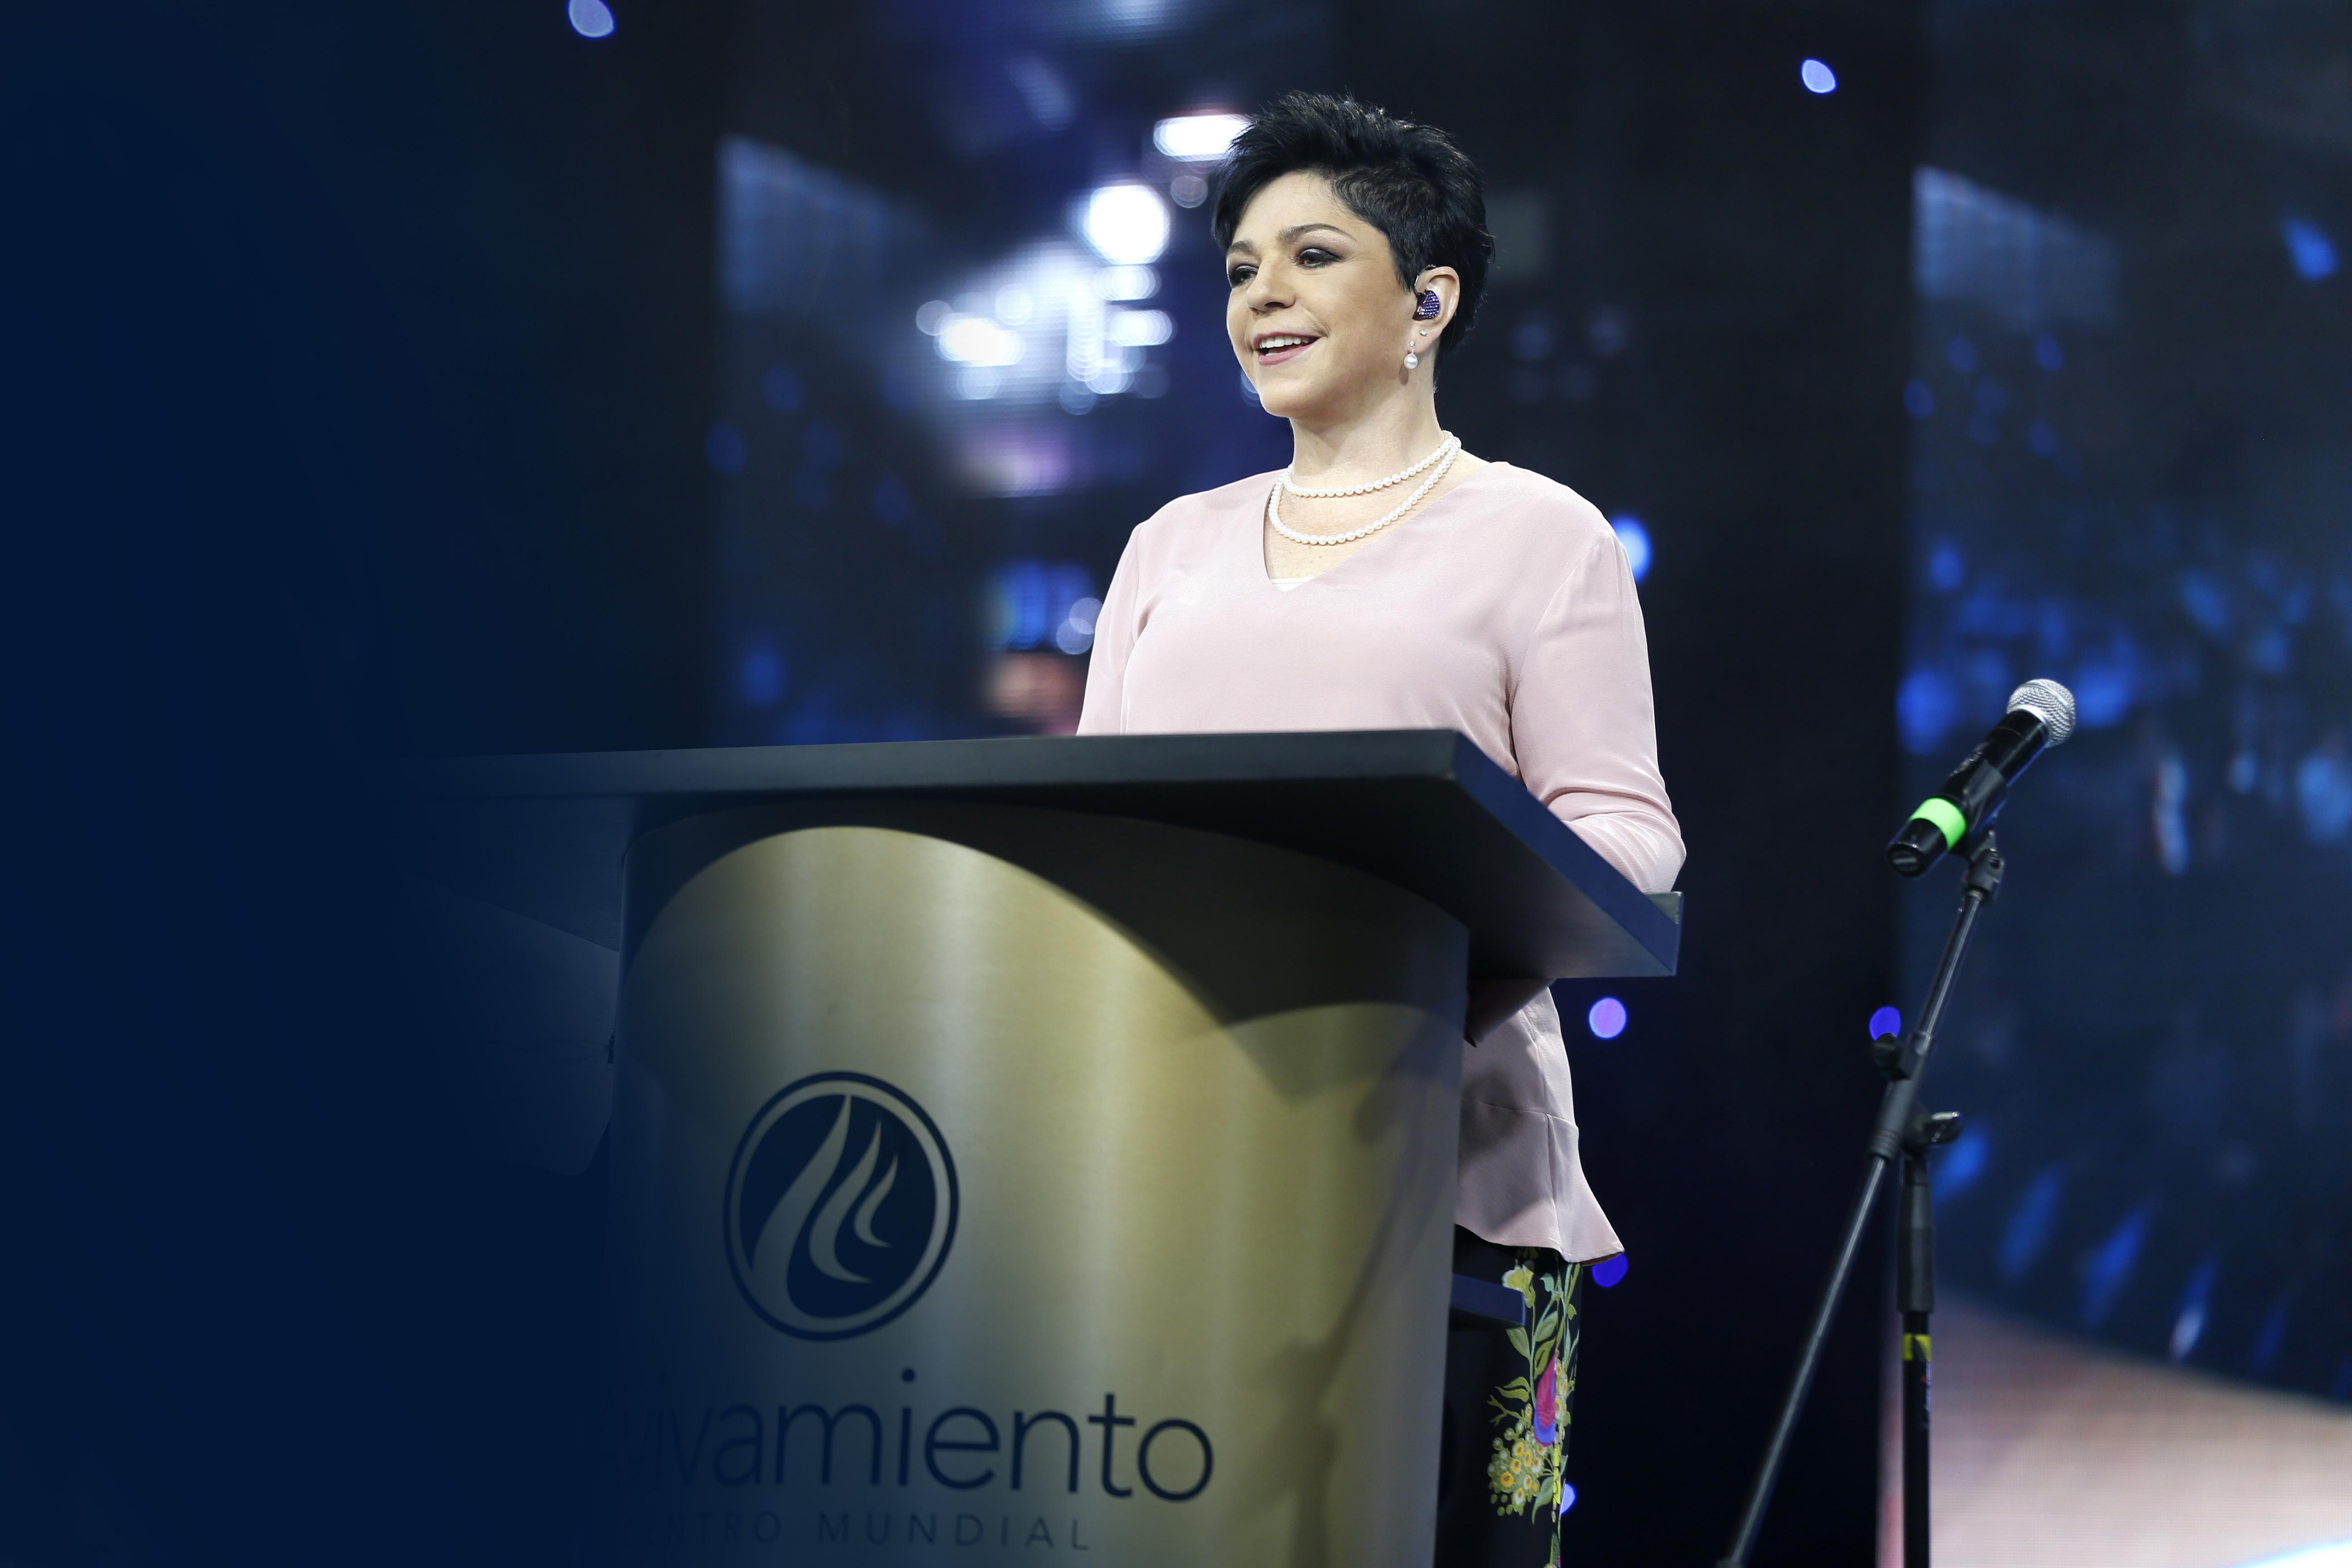 Conferencia #4 - Pastora María Patricia Rodríguez - La presencia de Dios